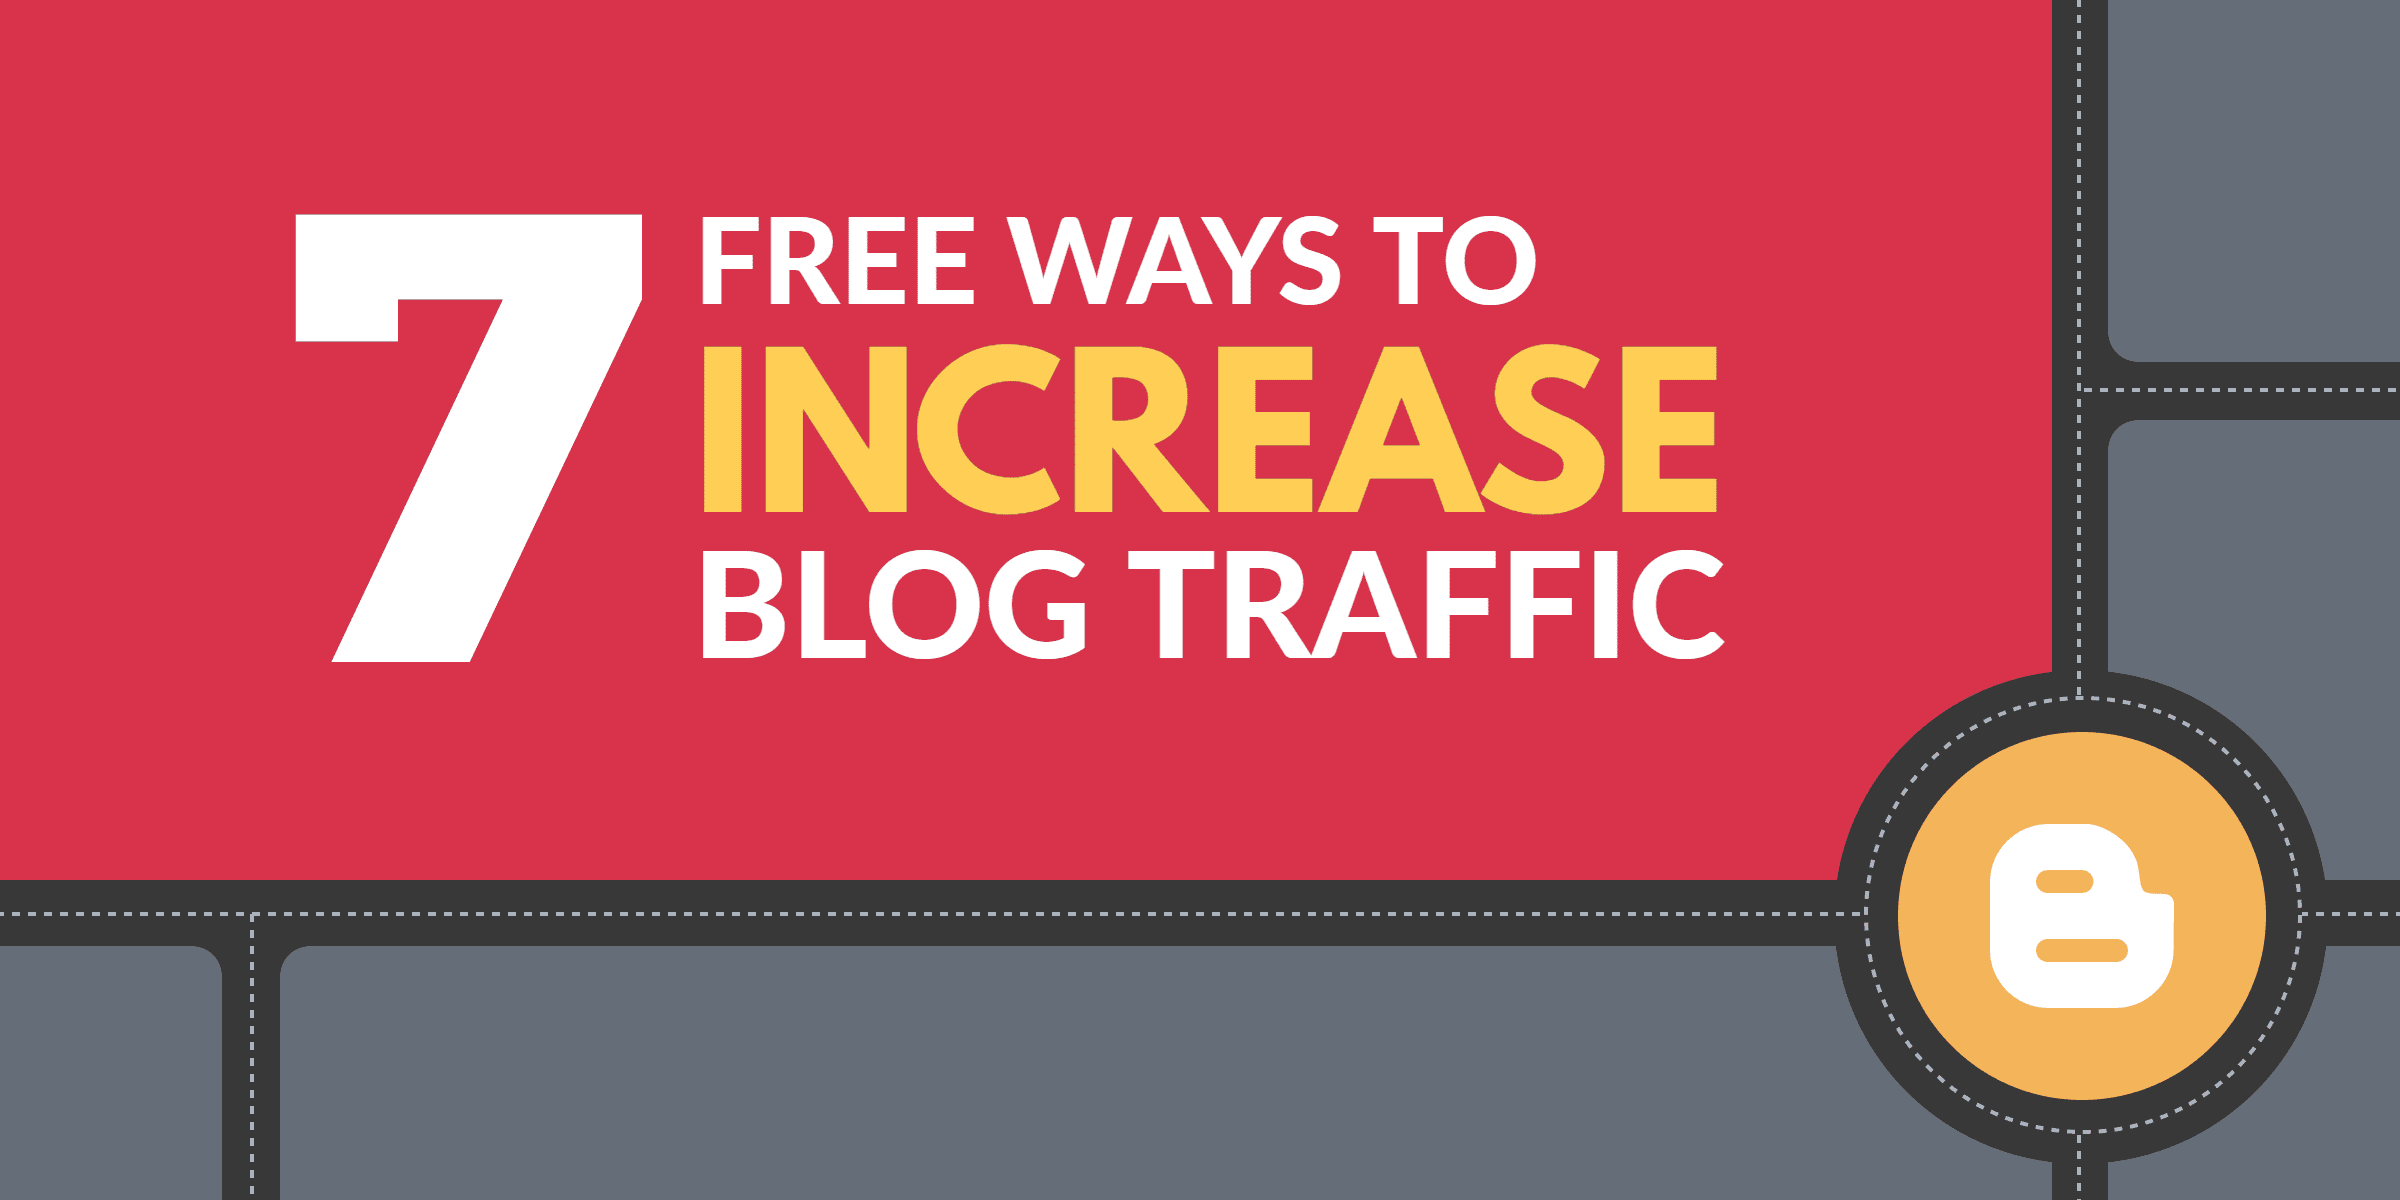 7 free ways to increase blog traffic